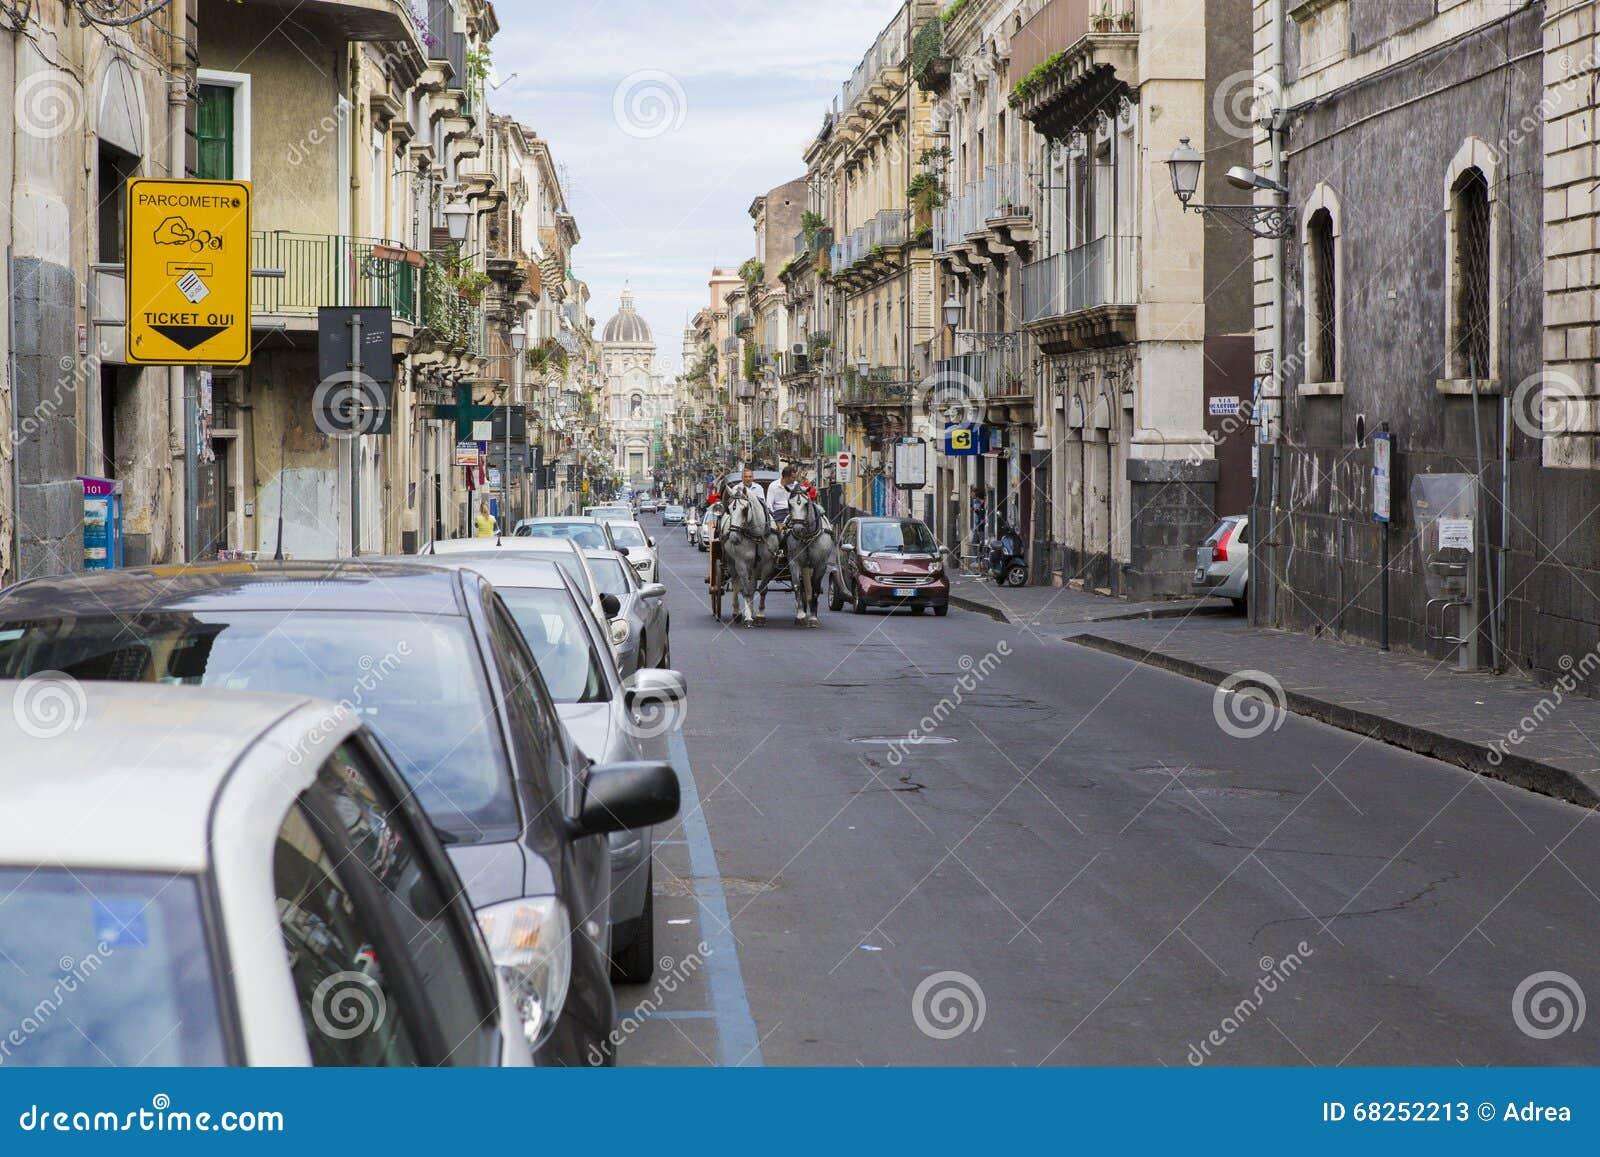 Giuseppe Garibaldi street